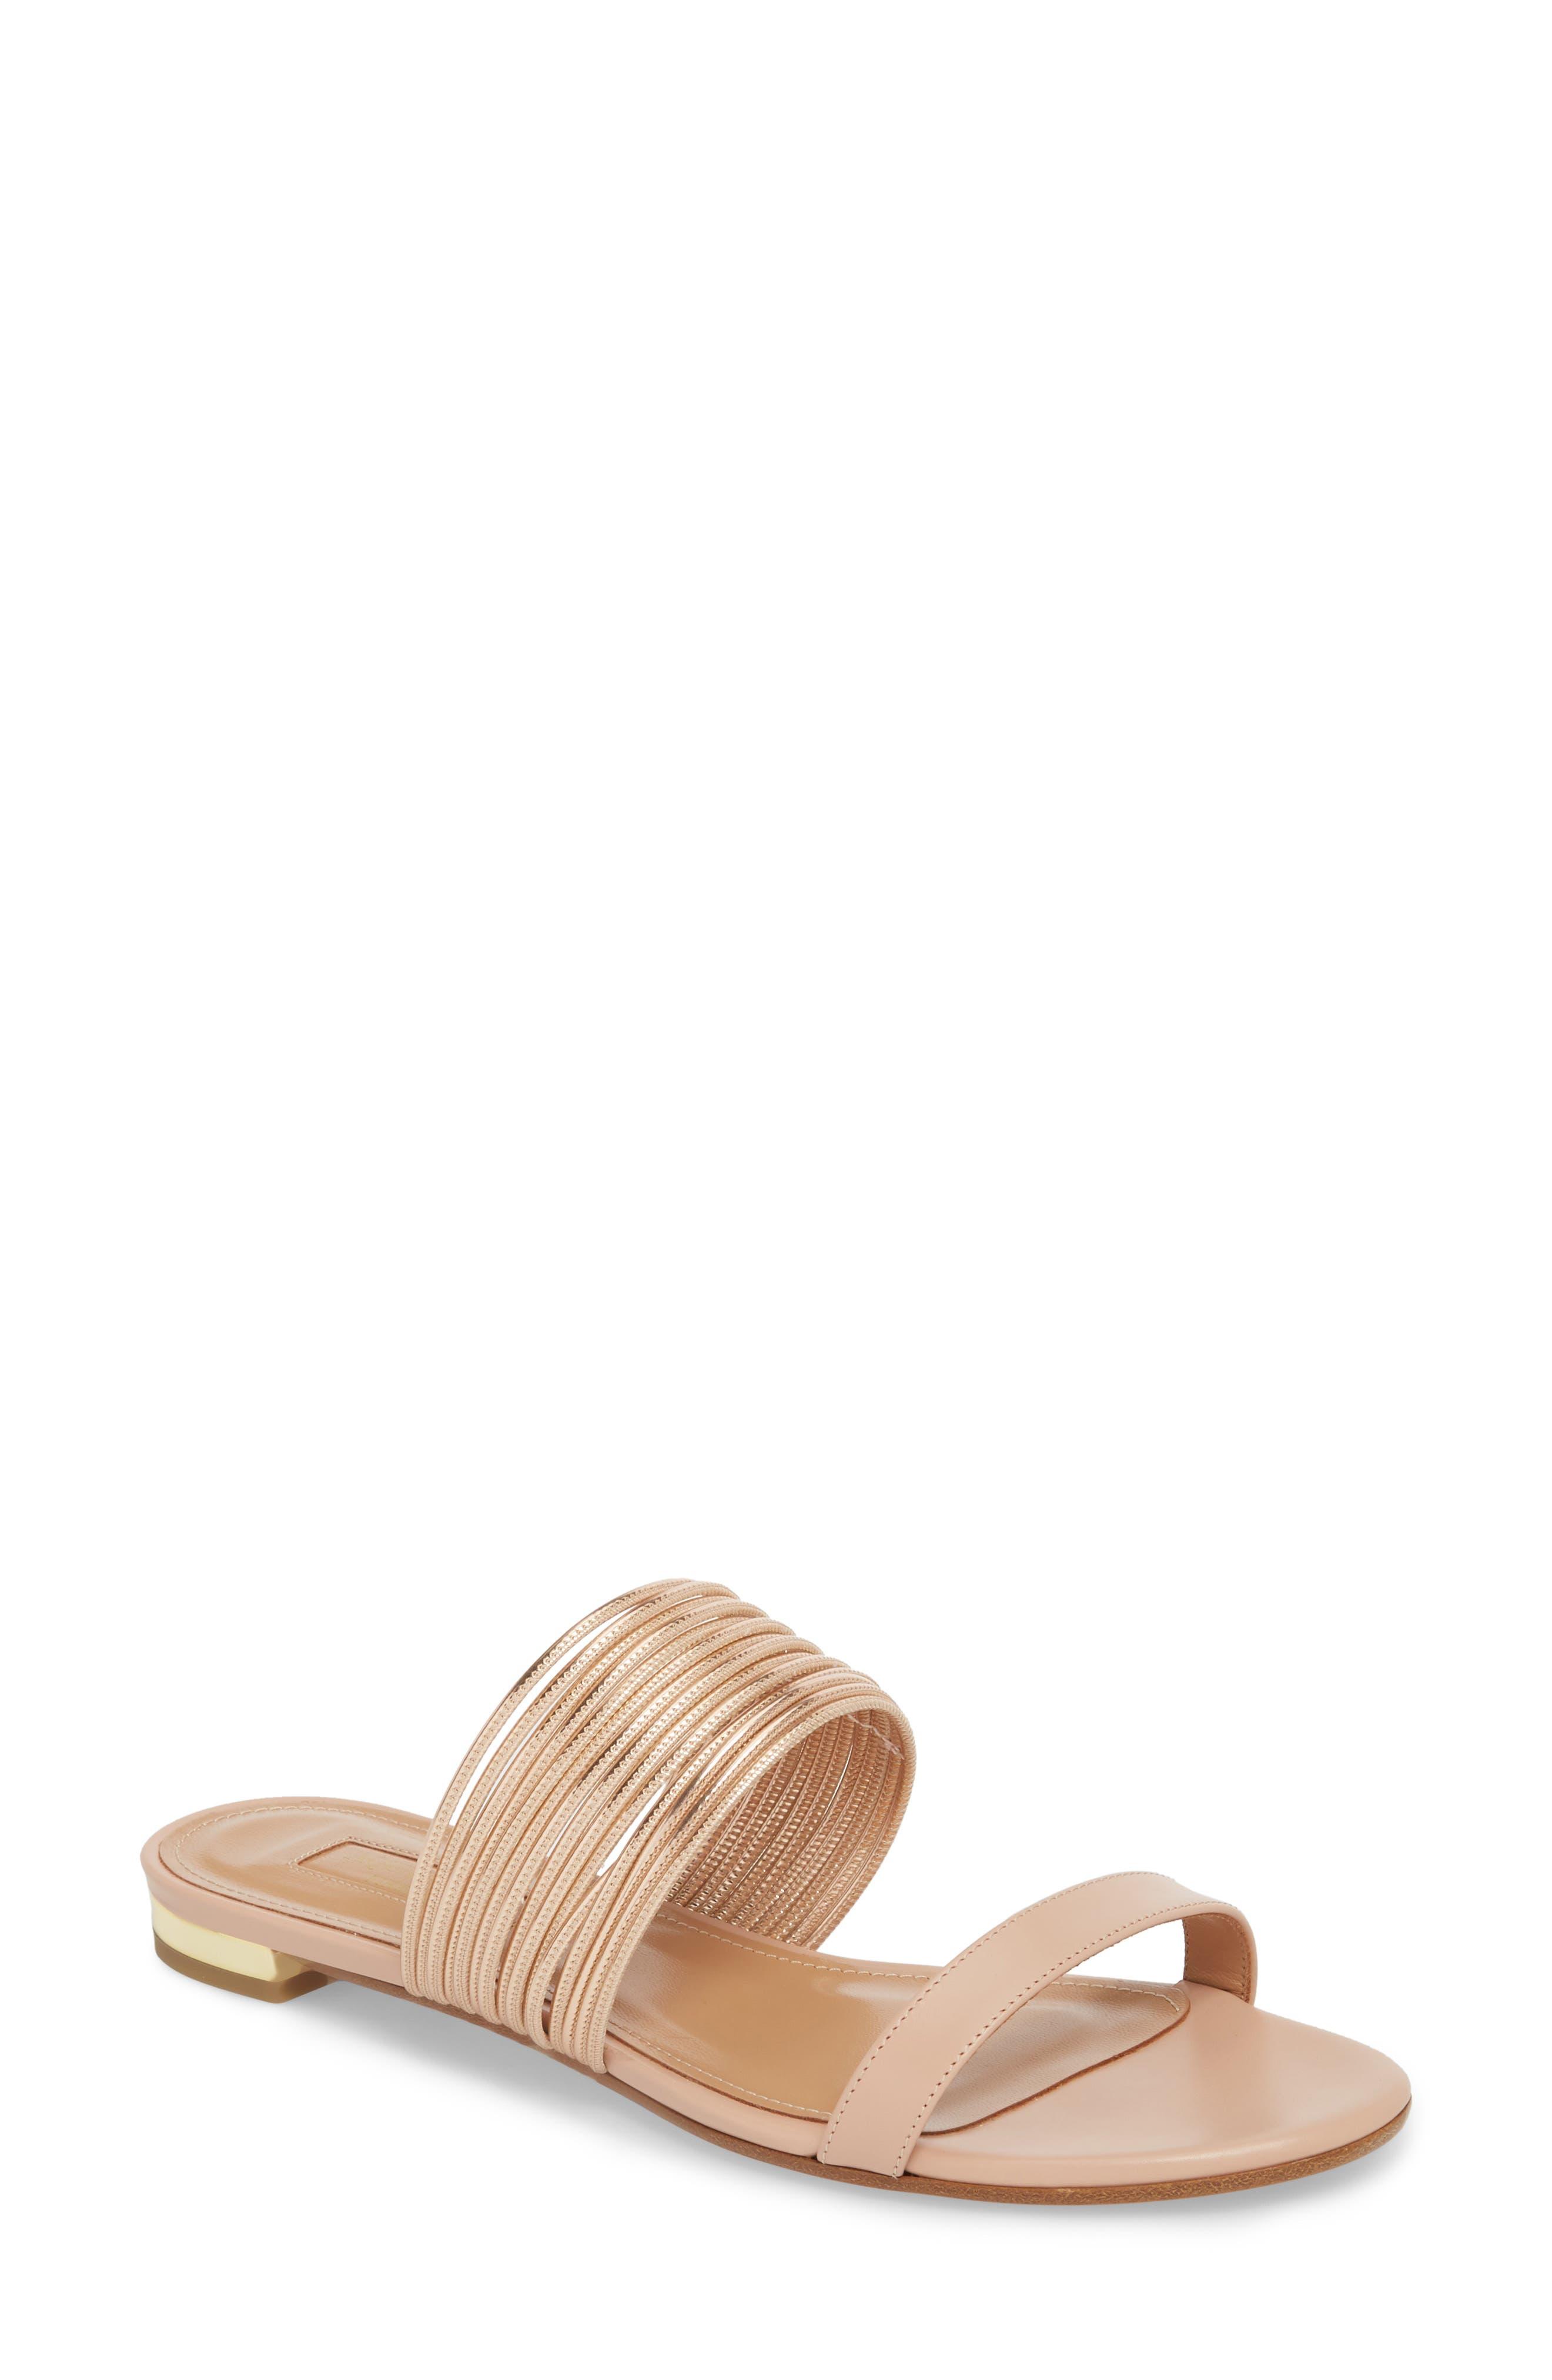 Aquazurra Rendezvous Metallic Sandal (Women)